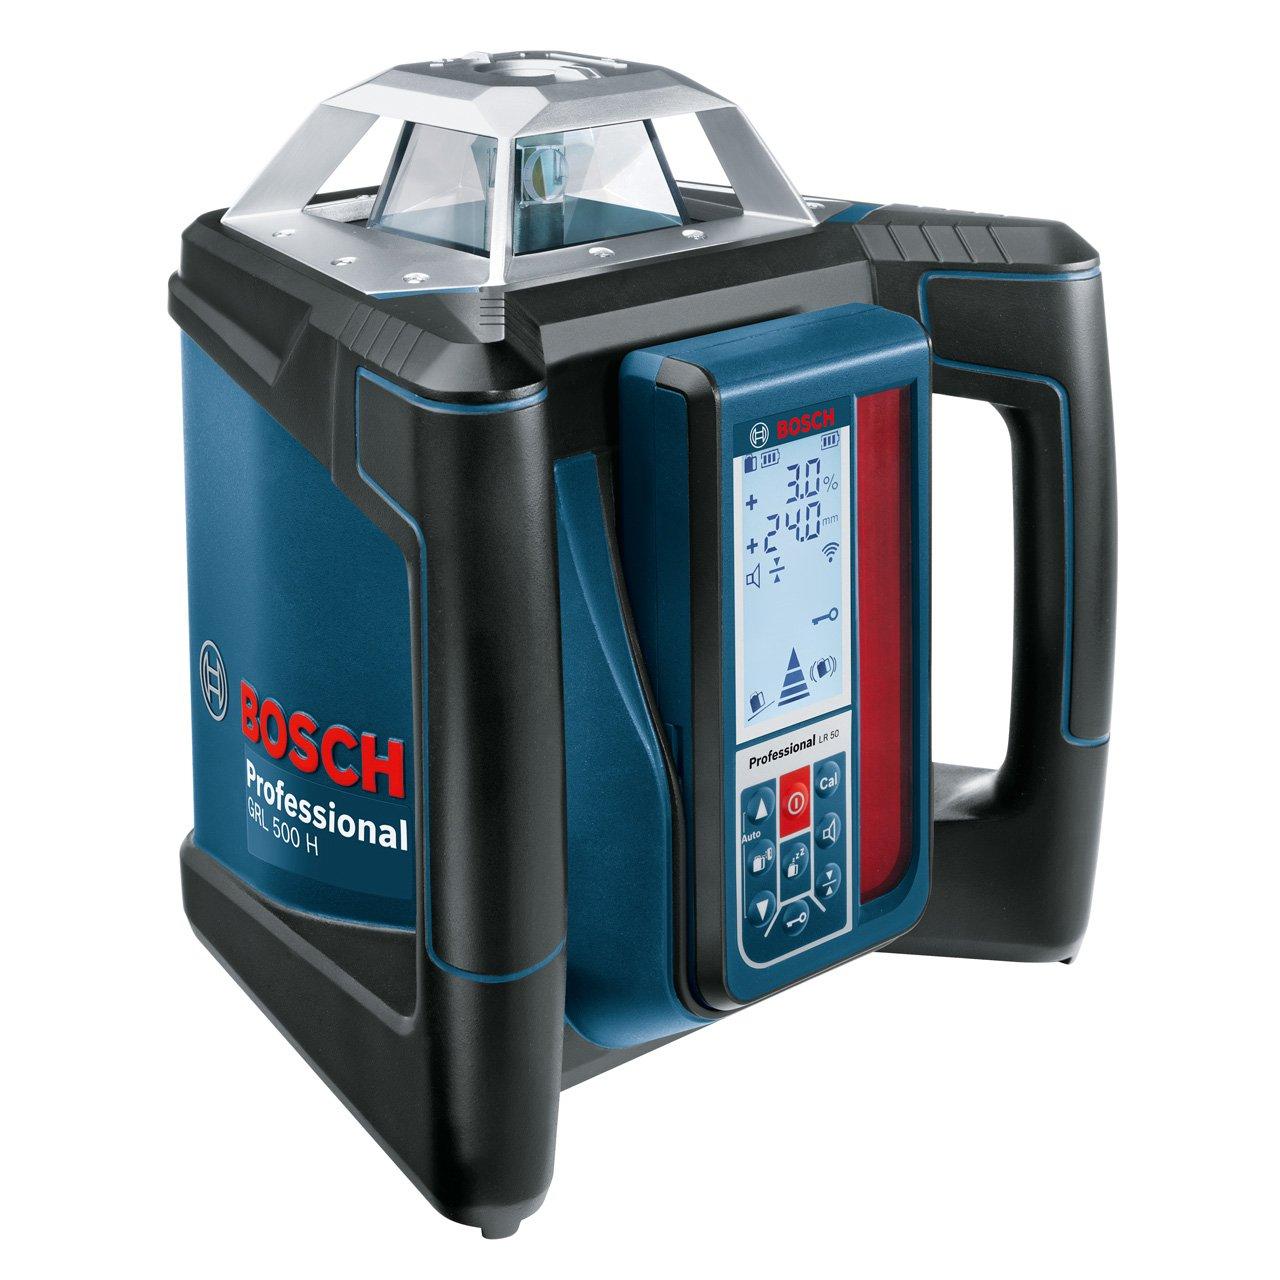 Bosch Professional GRL 500 H LR50 Nivel l/áser giratorio bater/ía de litio, alcance /Ø 500m, l/áser rojo, antirobo, receptor, malet/ín